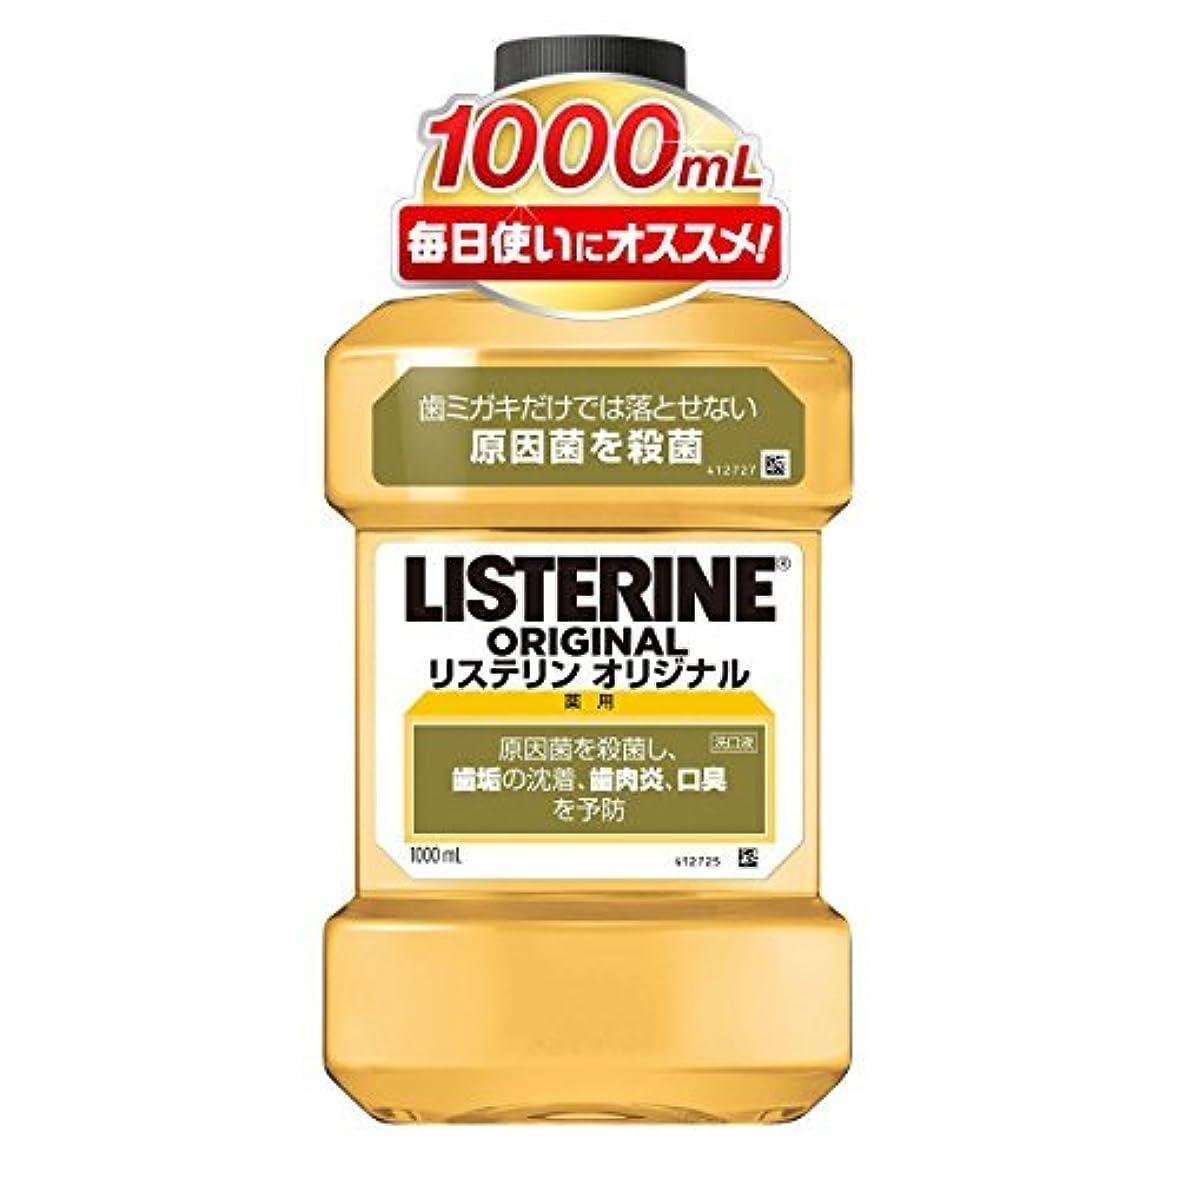 おもしろい悔い改め矩形薬用リステリン オリジナル 1000ml ×6個セット